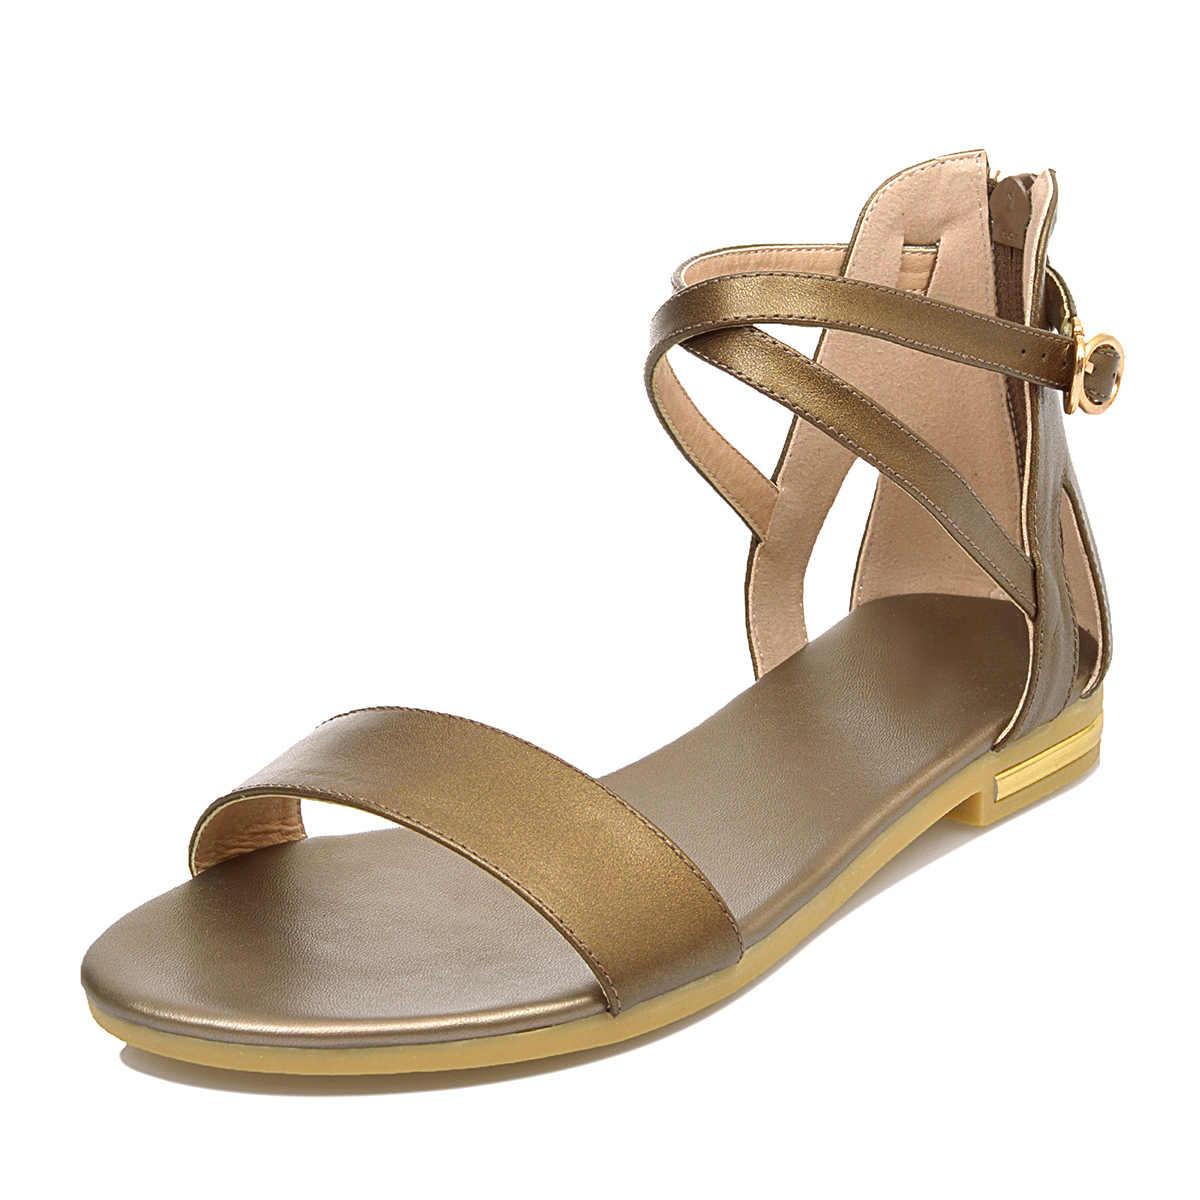 QZYERAI yaz kadın sandalet 100% saf inek derisi üretim moda kadın ayakkabısı moda konfor rahat ayakkabılar deri sandalet